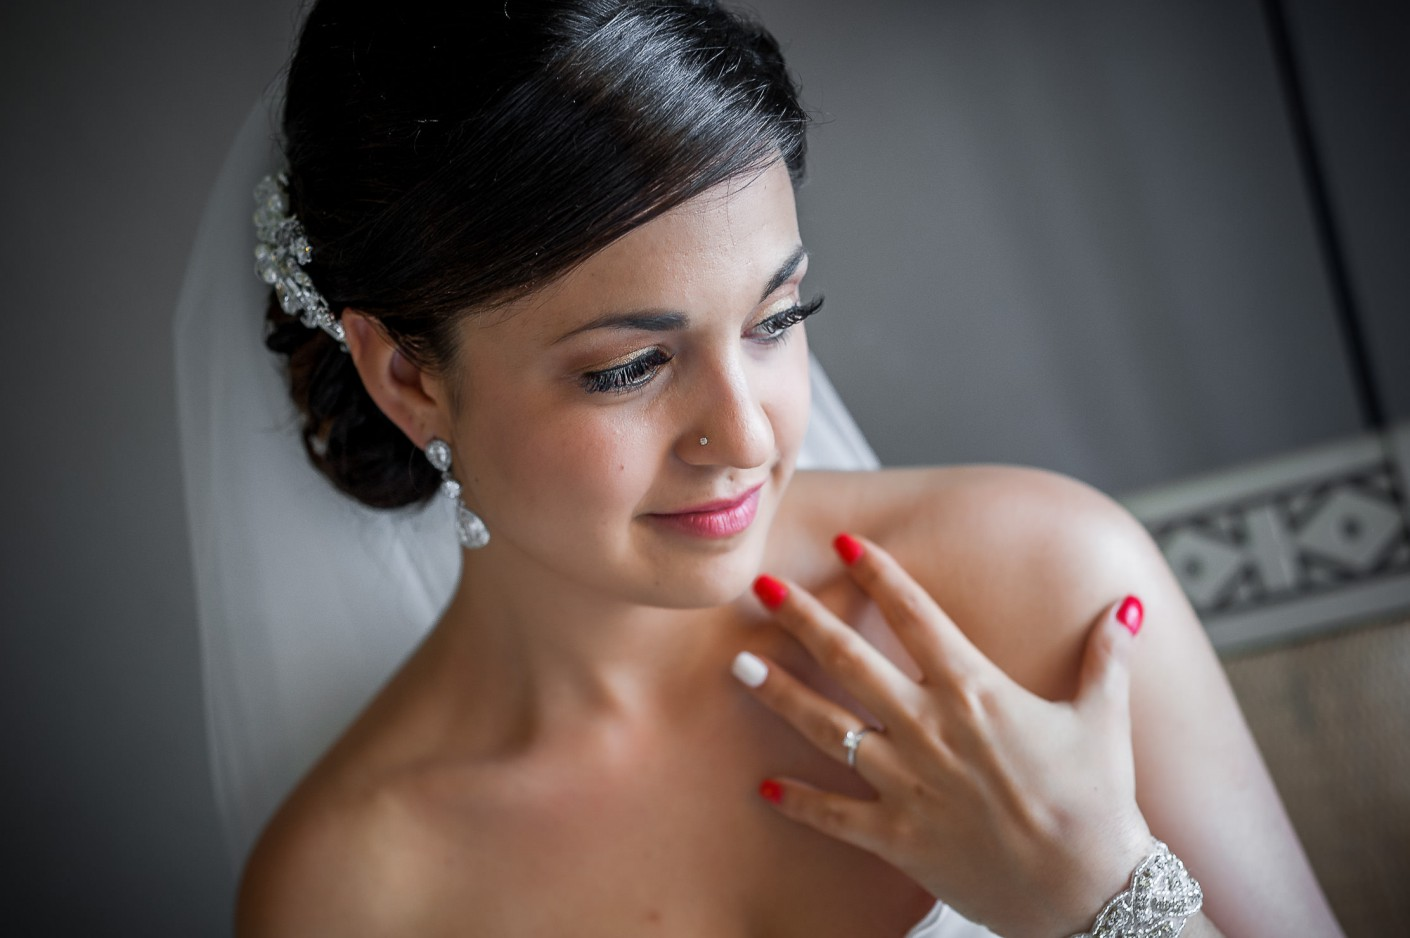 Mariage Destination : Une beauté de rêve -, KW: 1-Préparation, Mexique